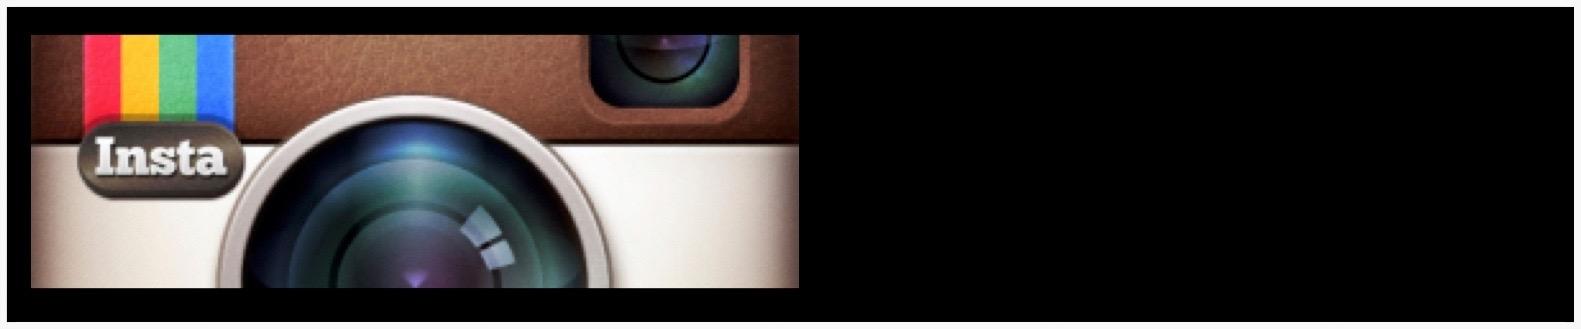 Instagram logo smaller jpg.jpg